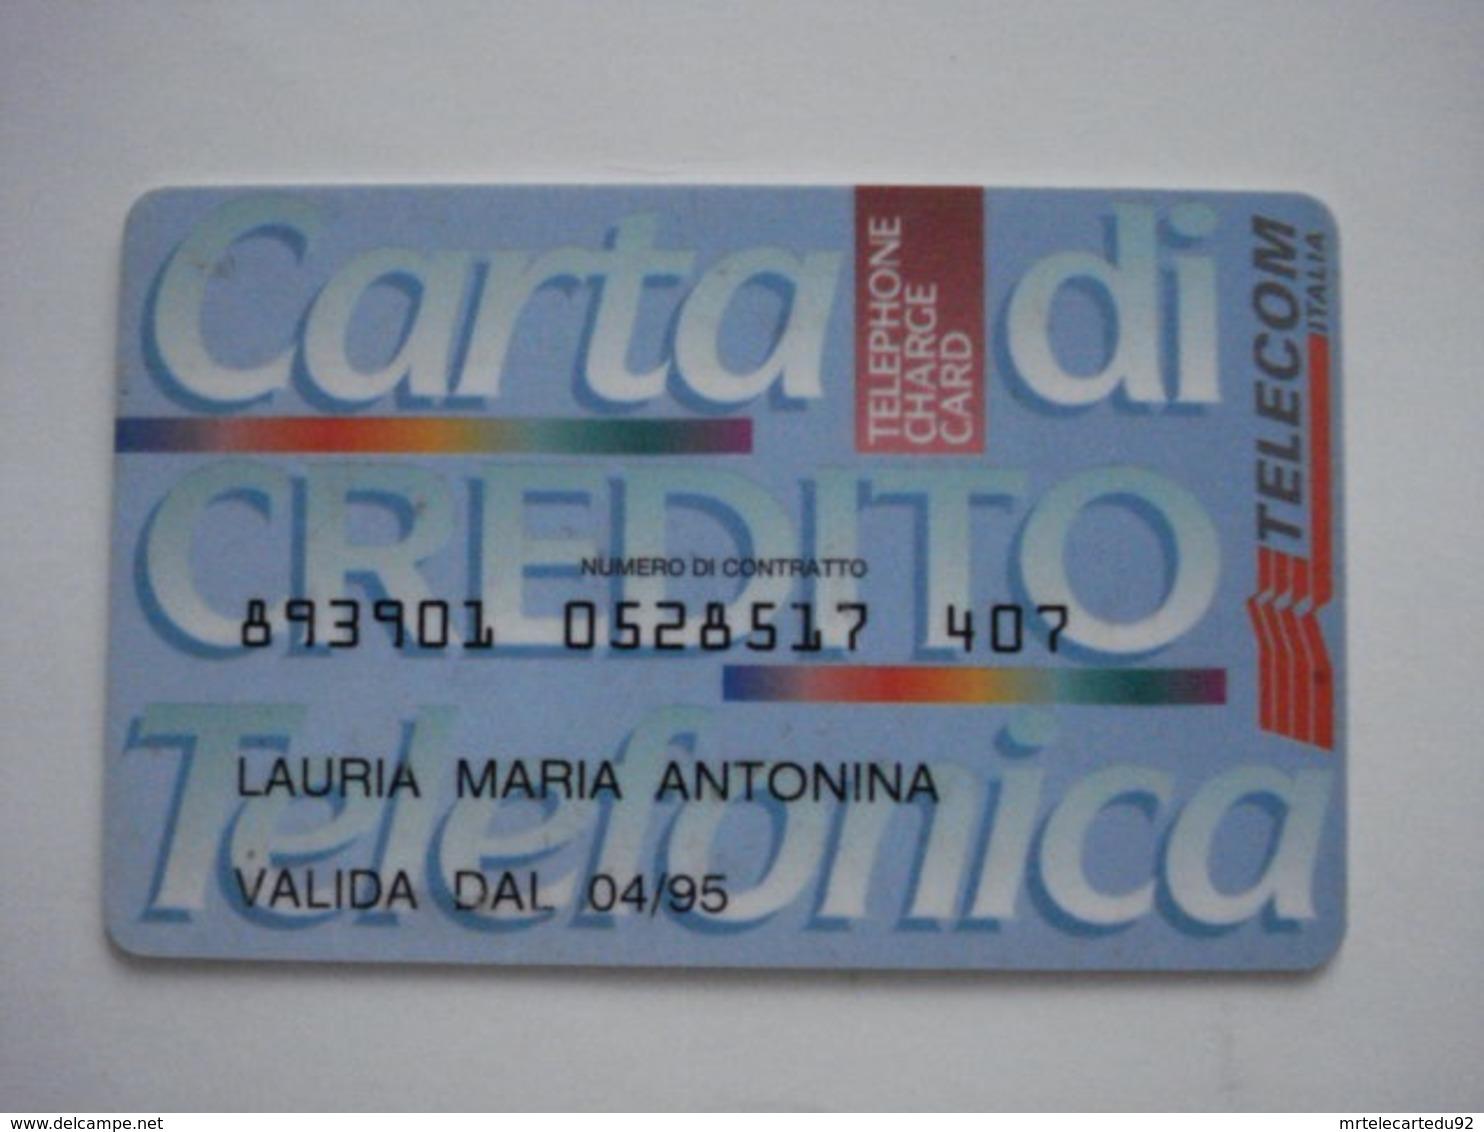 Carte Prépayée étrangère à Identifier (utilisée). Très Rare, Carte Personnel. - Per Cellulari (ricariche)